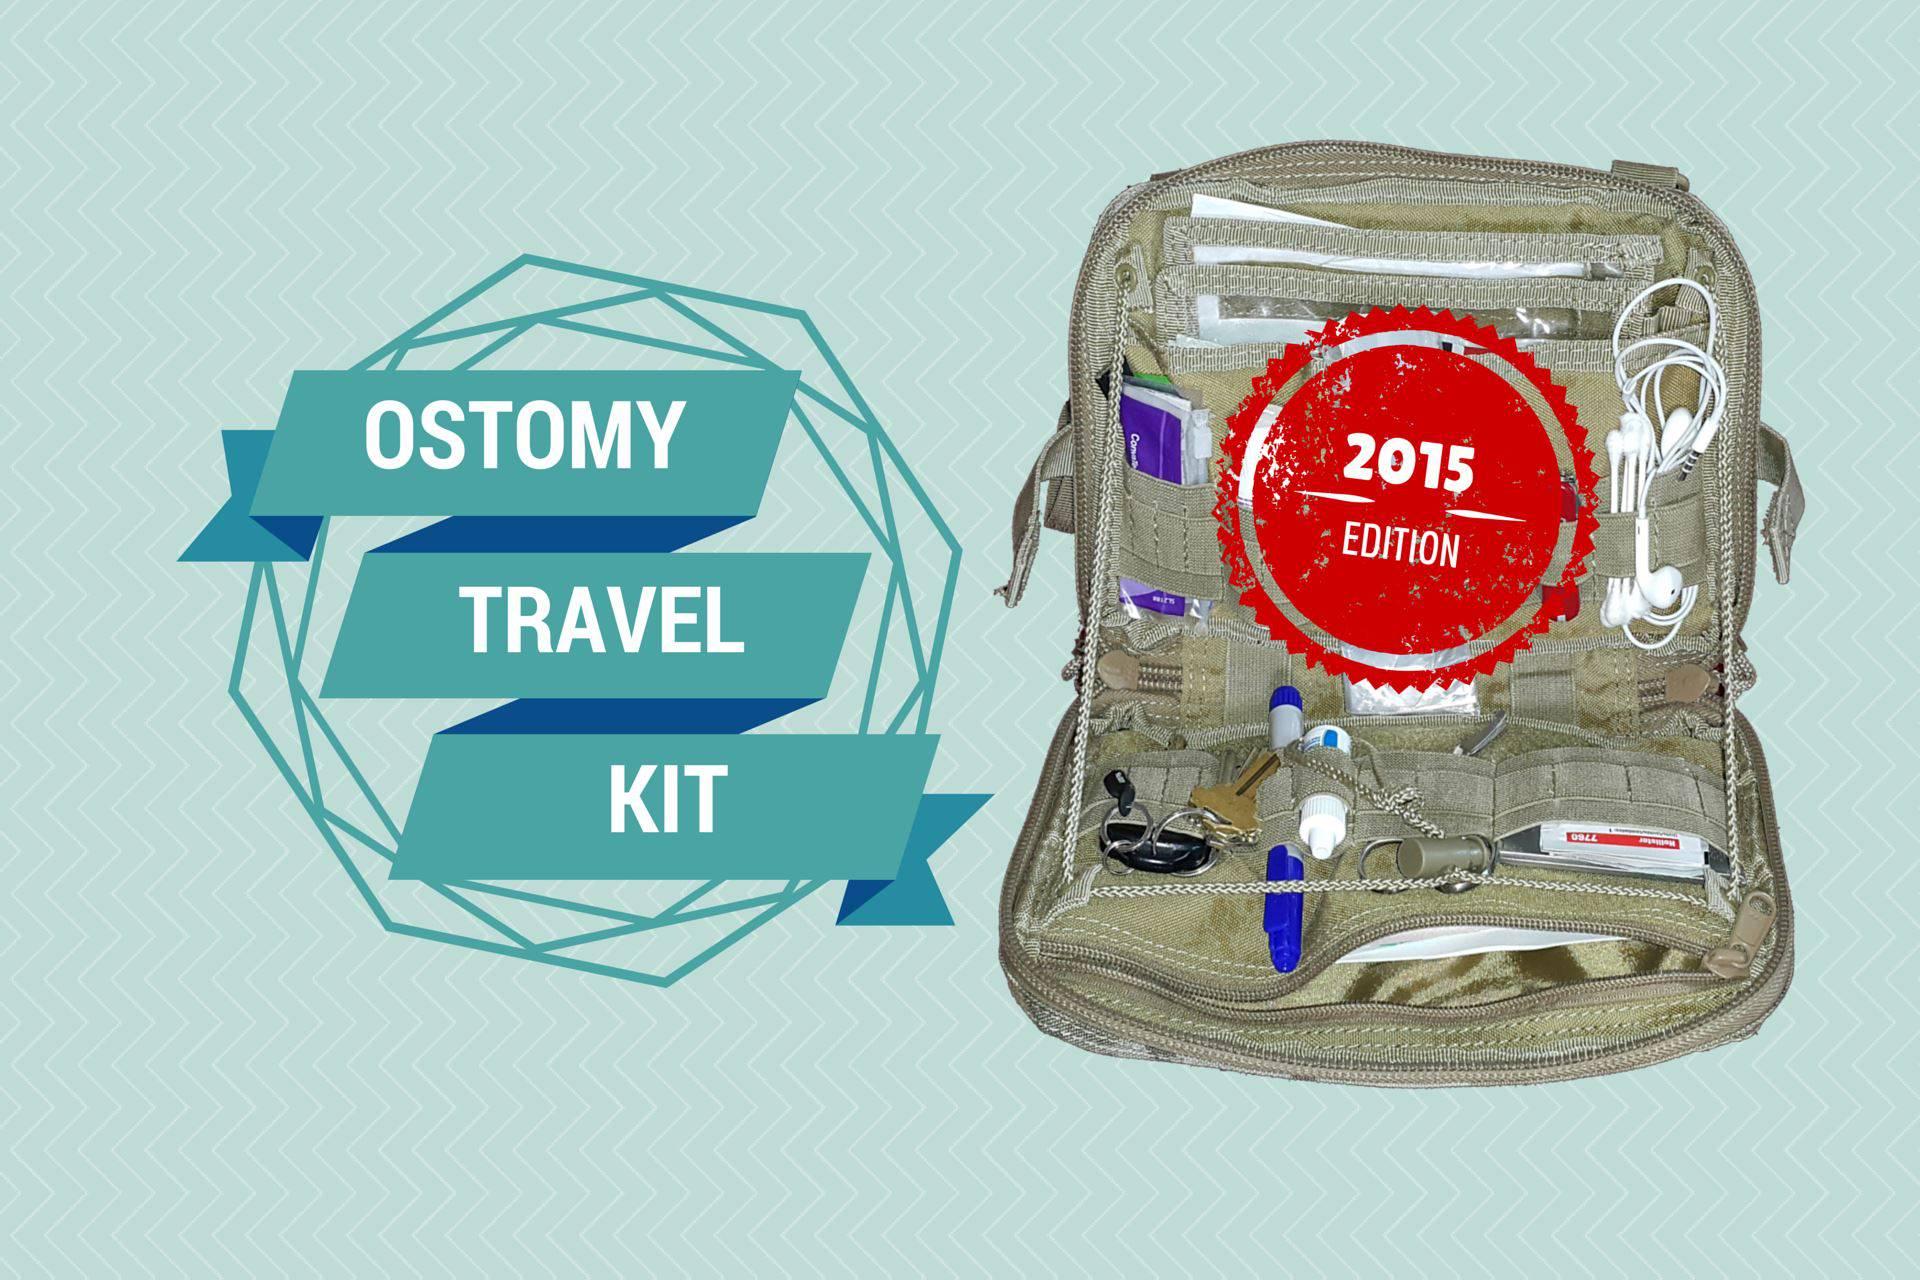 Ostomy EDC 2015